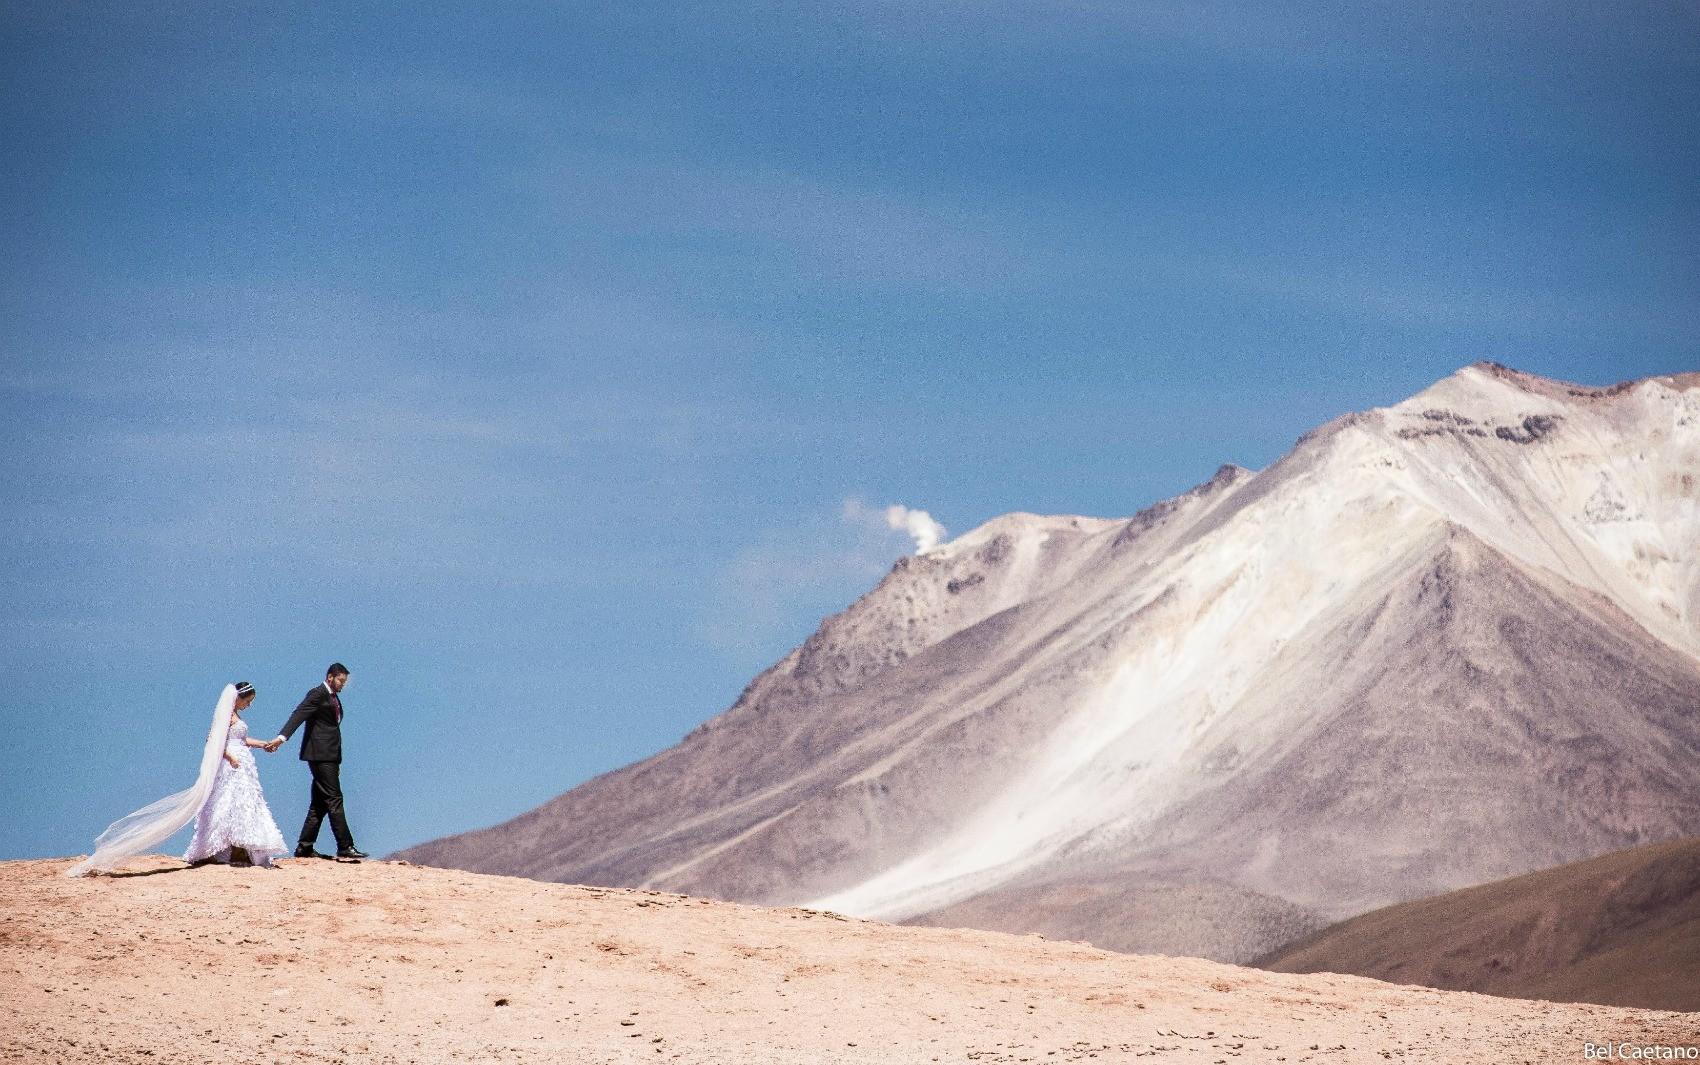 Casal acreano viajou até o deserto de sal na Bolívia para fazer as fotos (Foto: Bel Caetano/Arquivo pessoal)